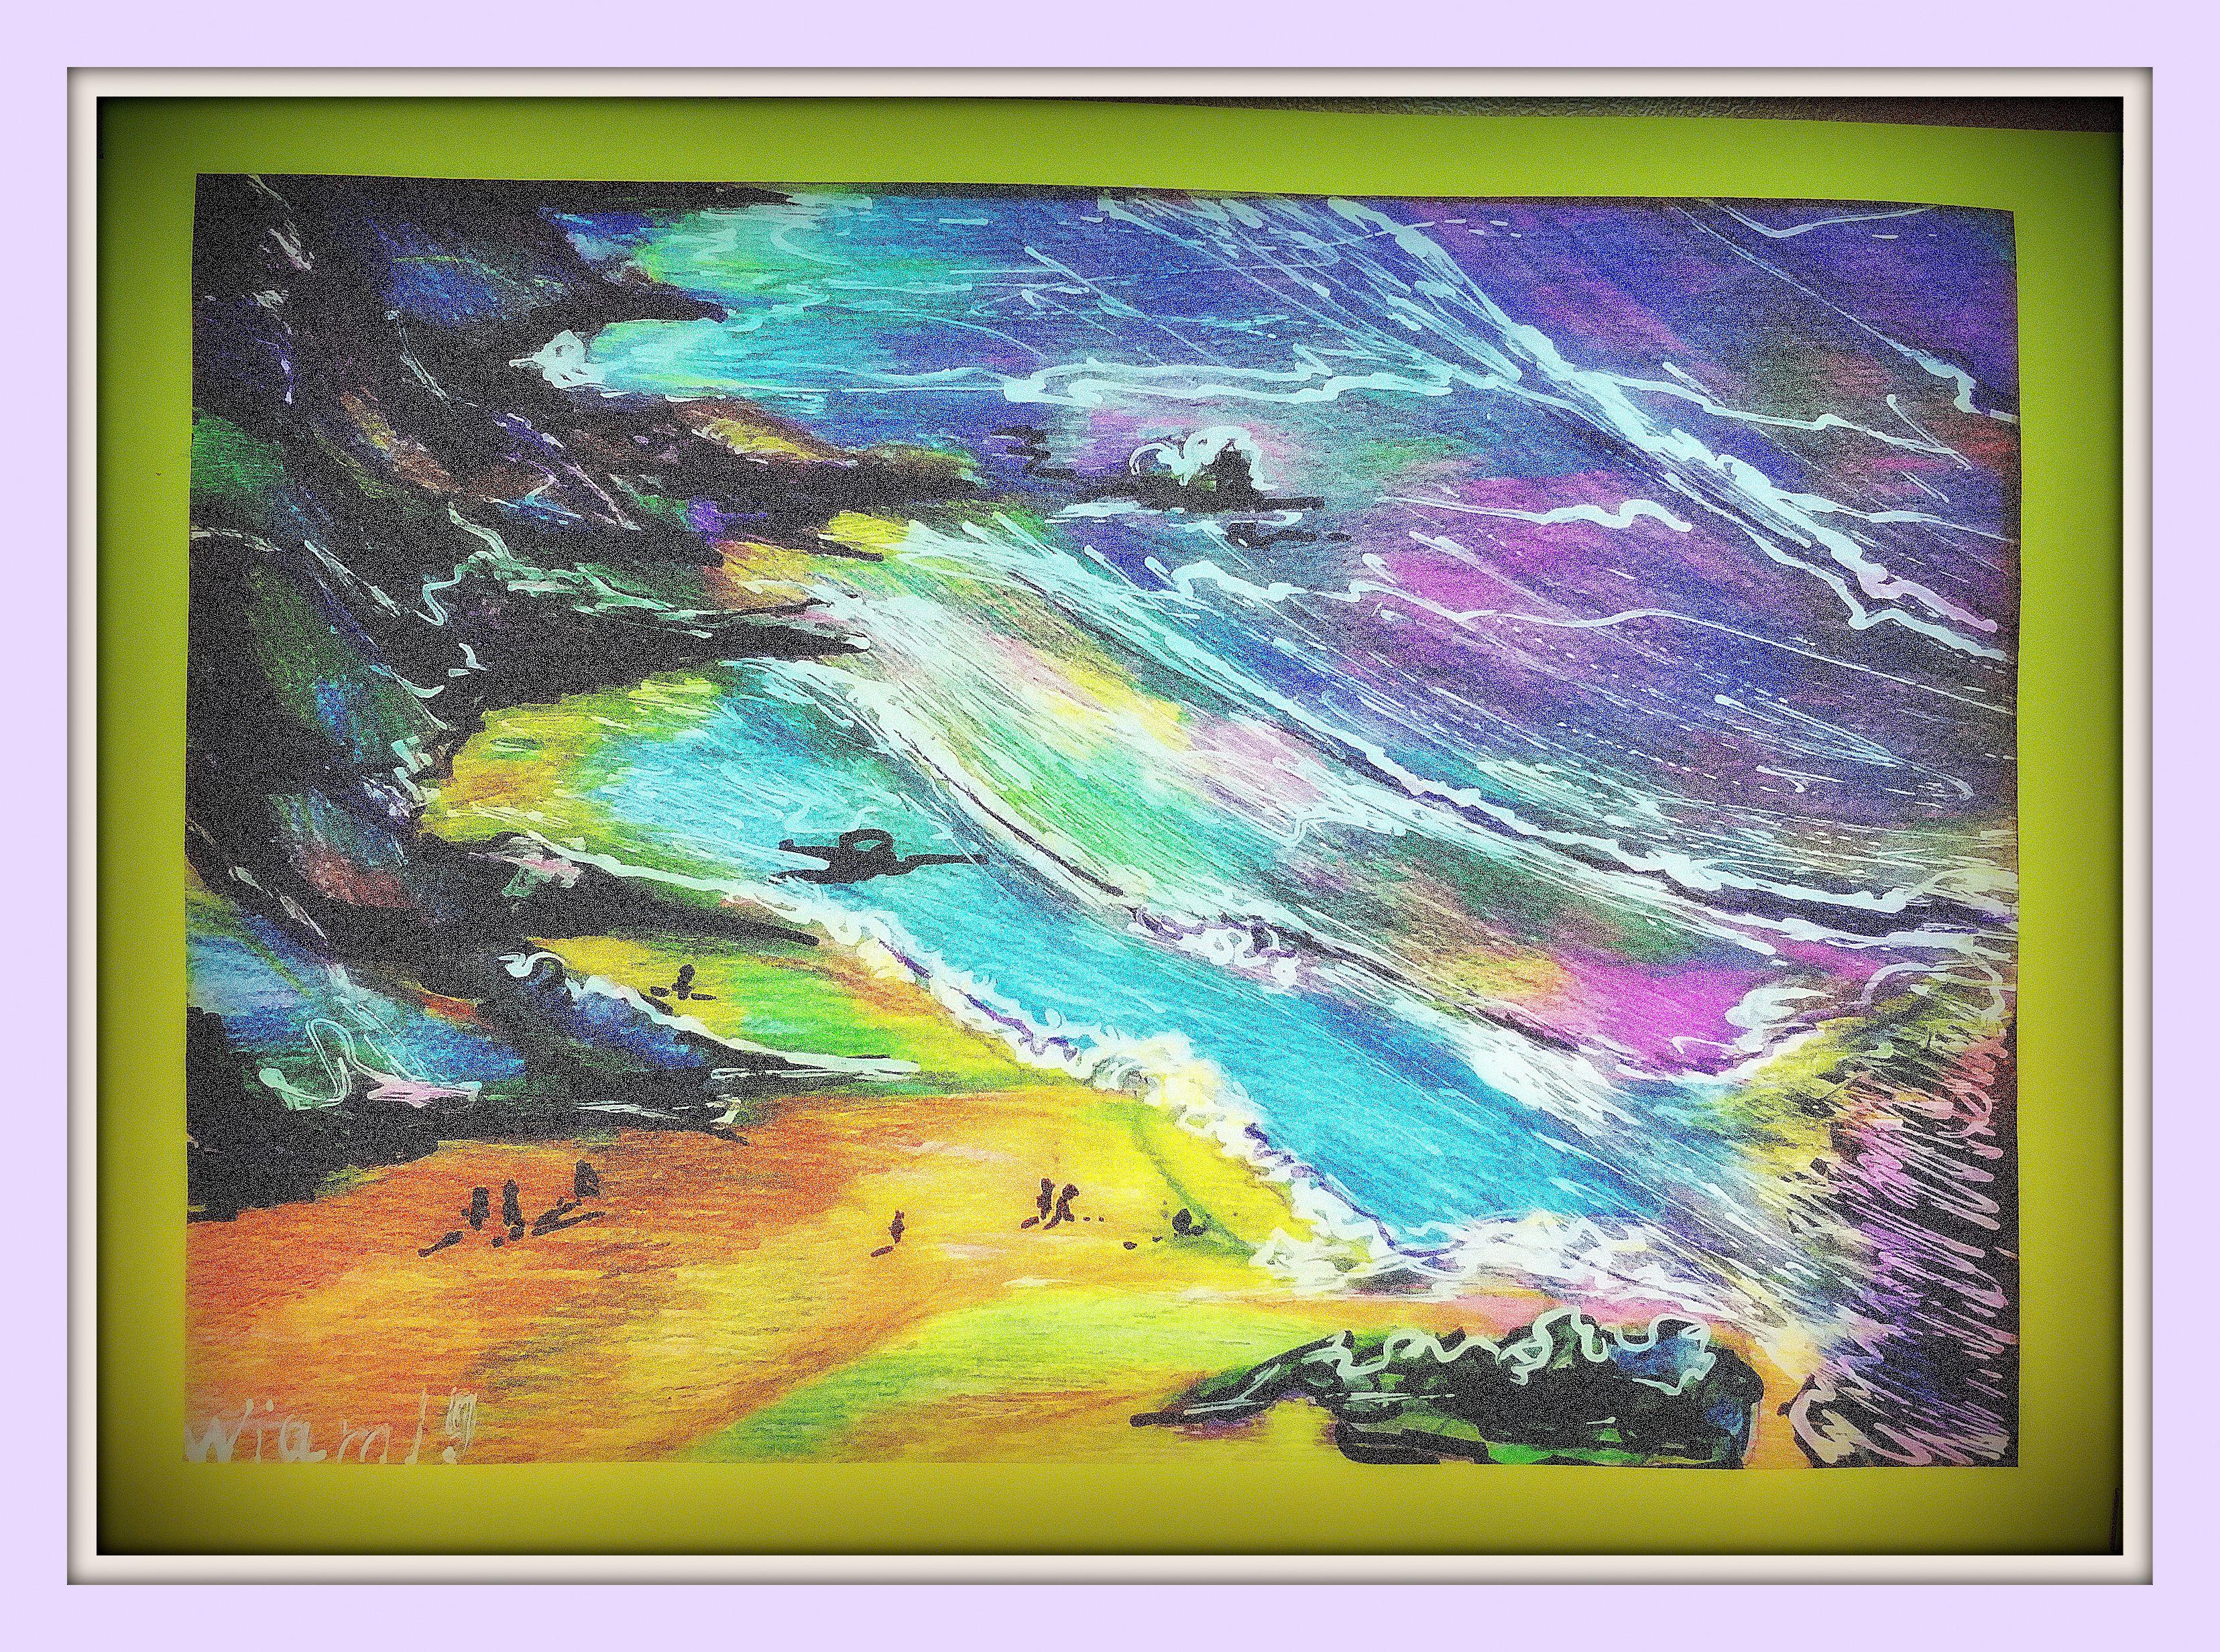 море пена прибой песок горы морская